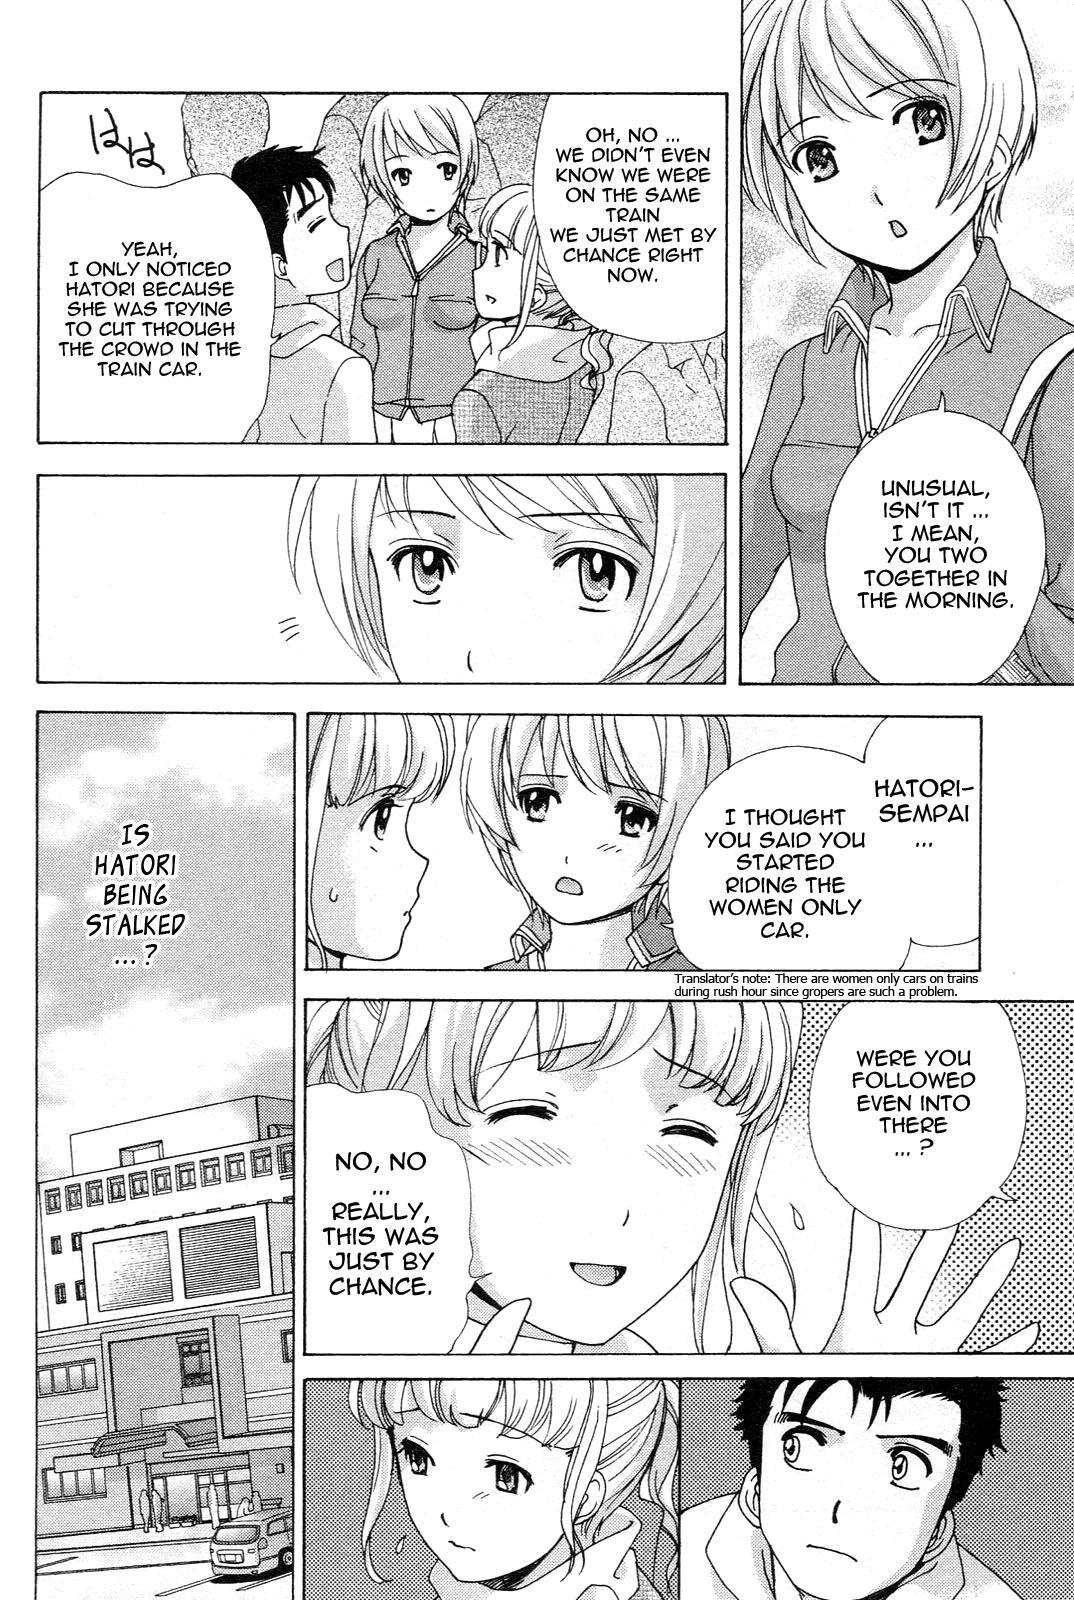 Nurse o Kanojo ni Suru Houhou - How To Go Steady With A Nurse 1 128